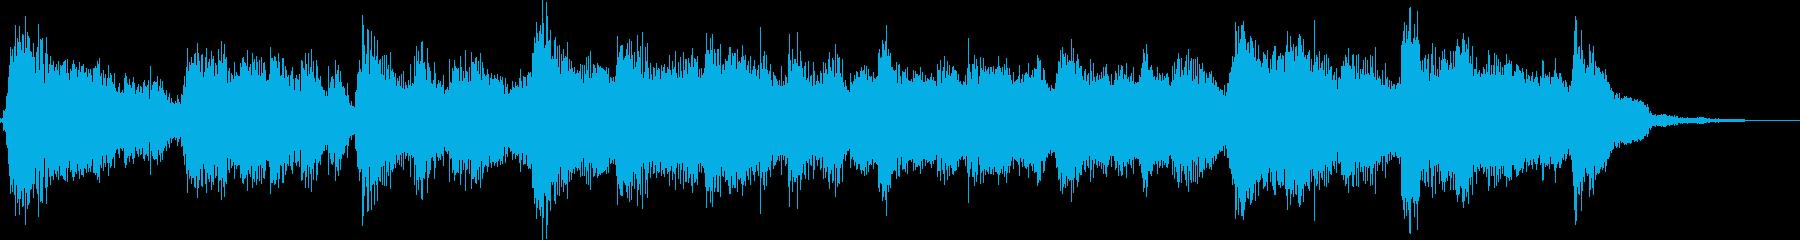 サンバラパスライトアンドブリージーの再生済みの波形